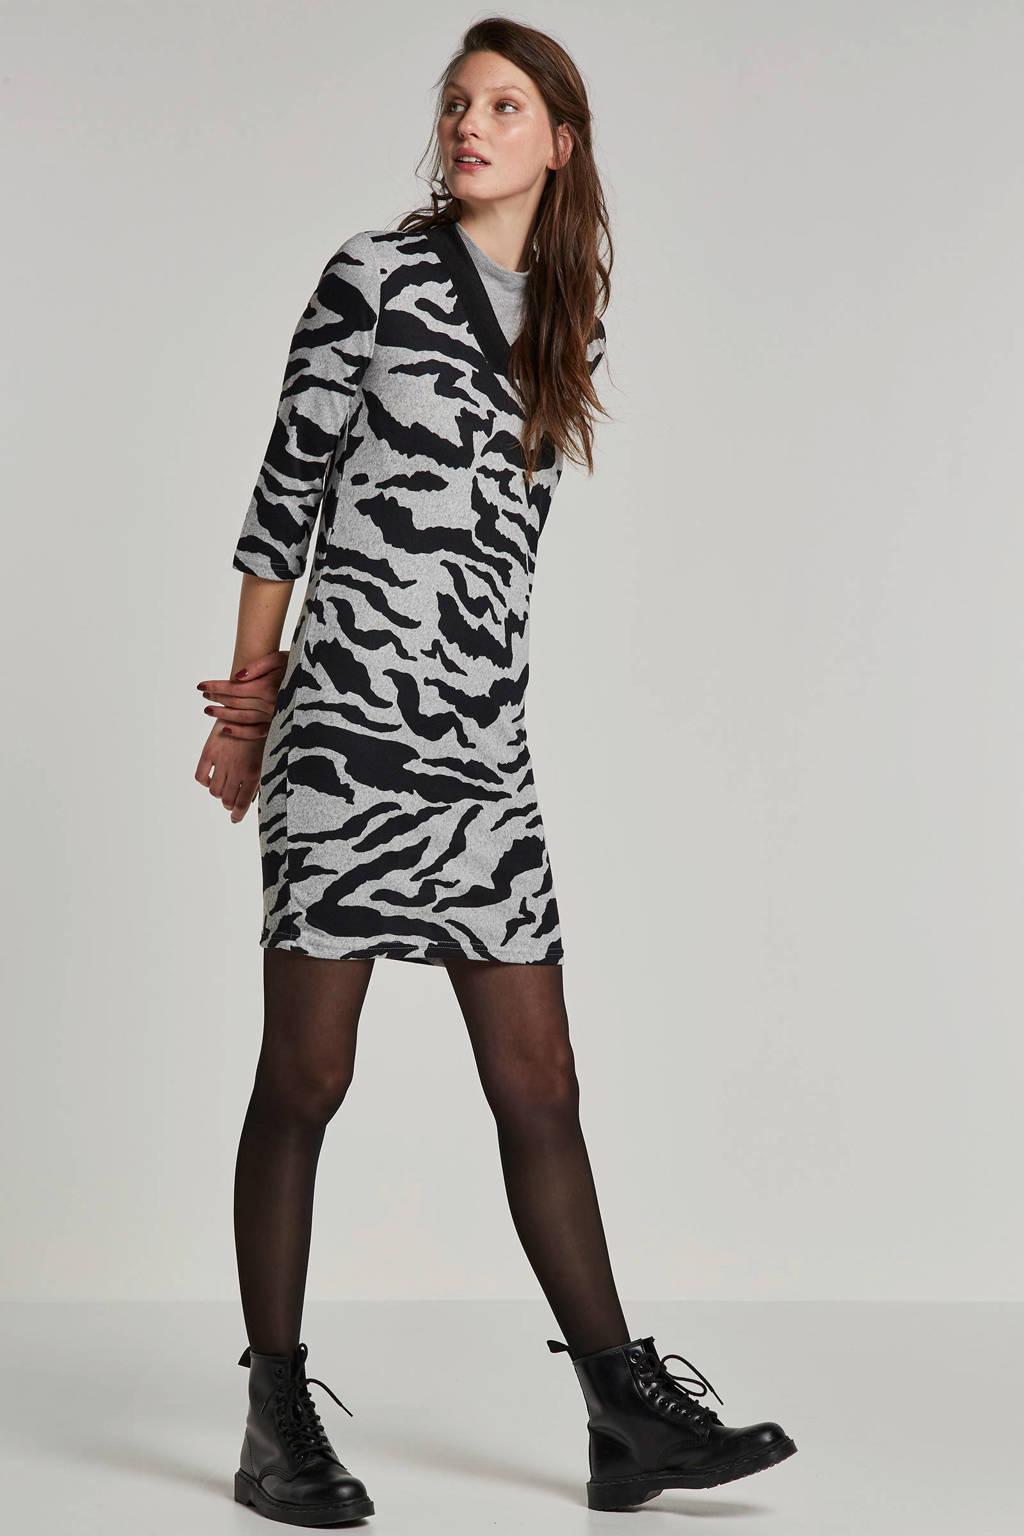 ONLY jurk met zebraprint, Grijs/zwart